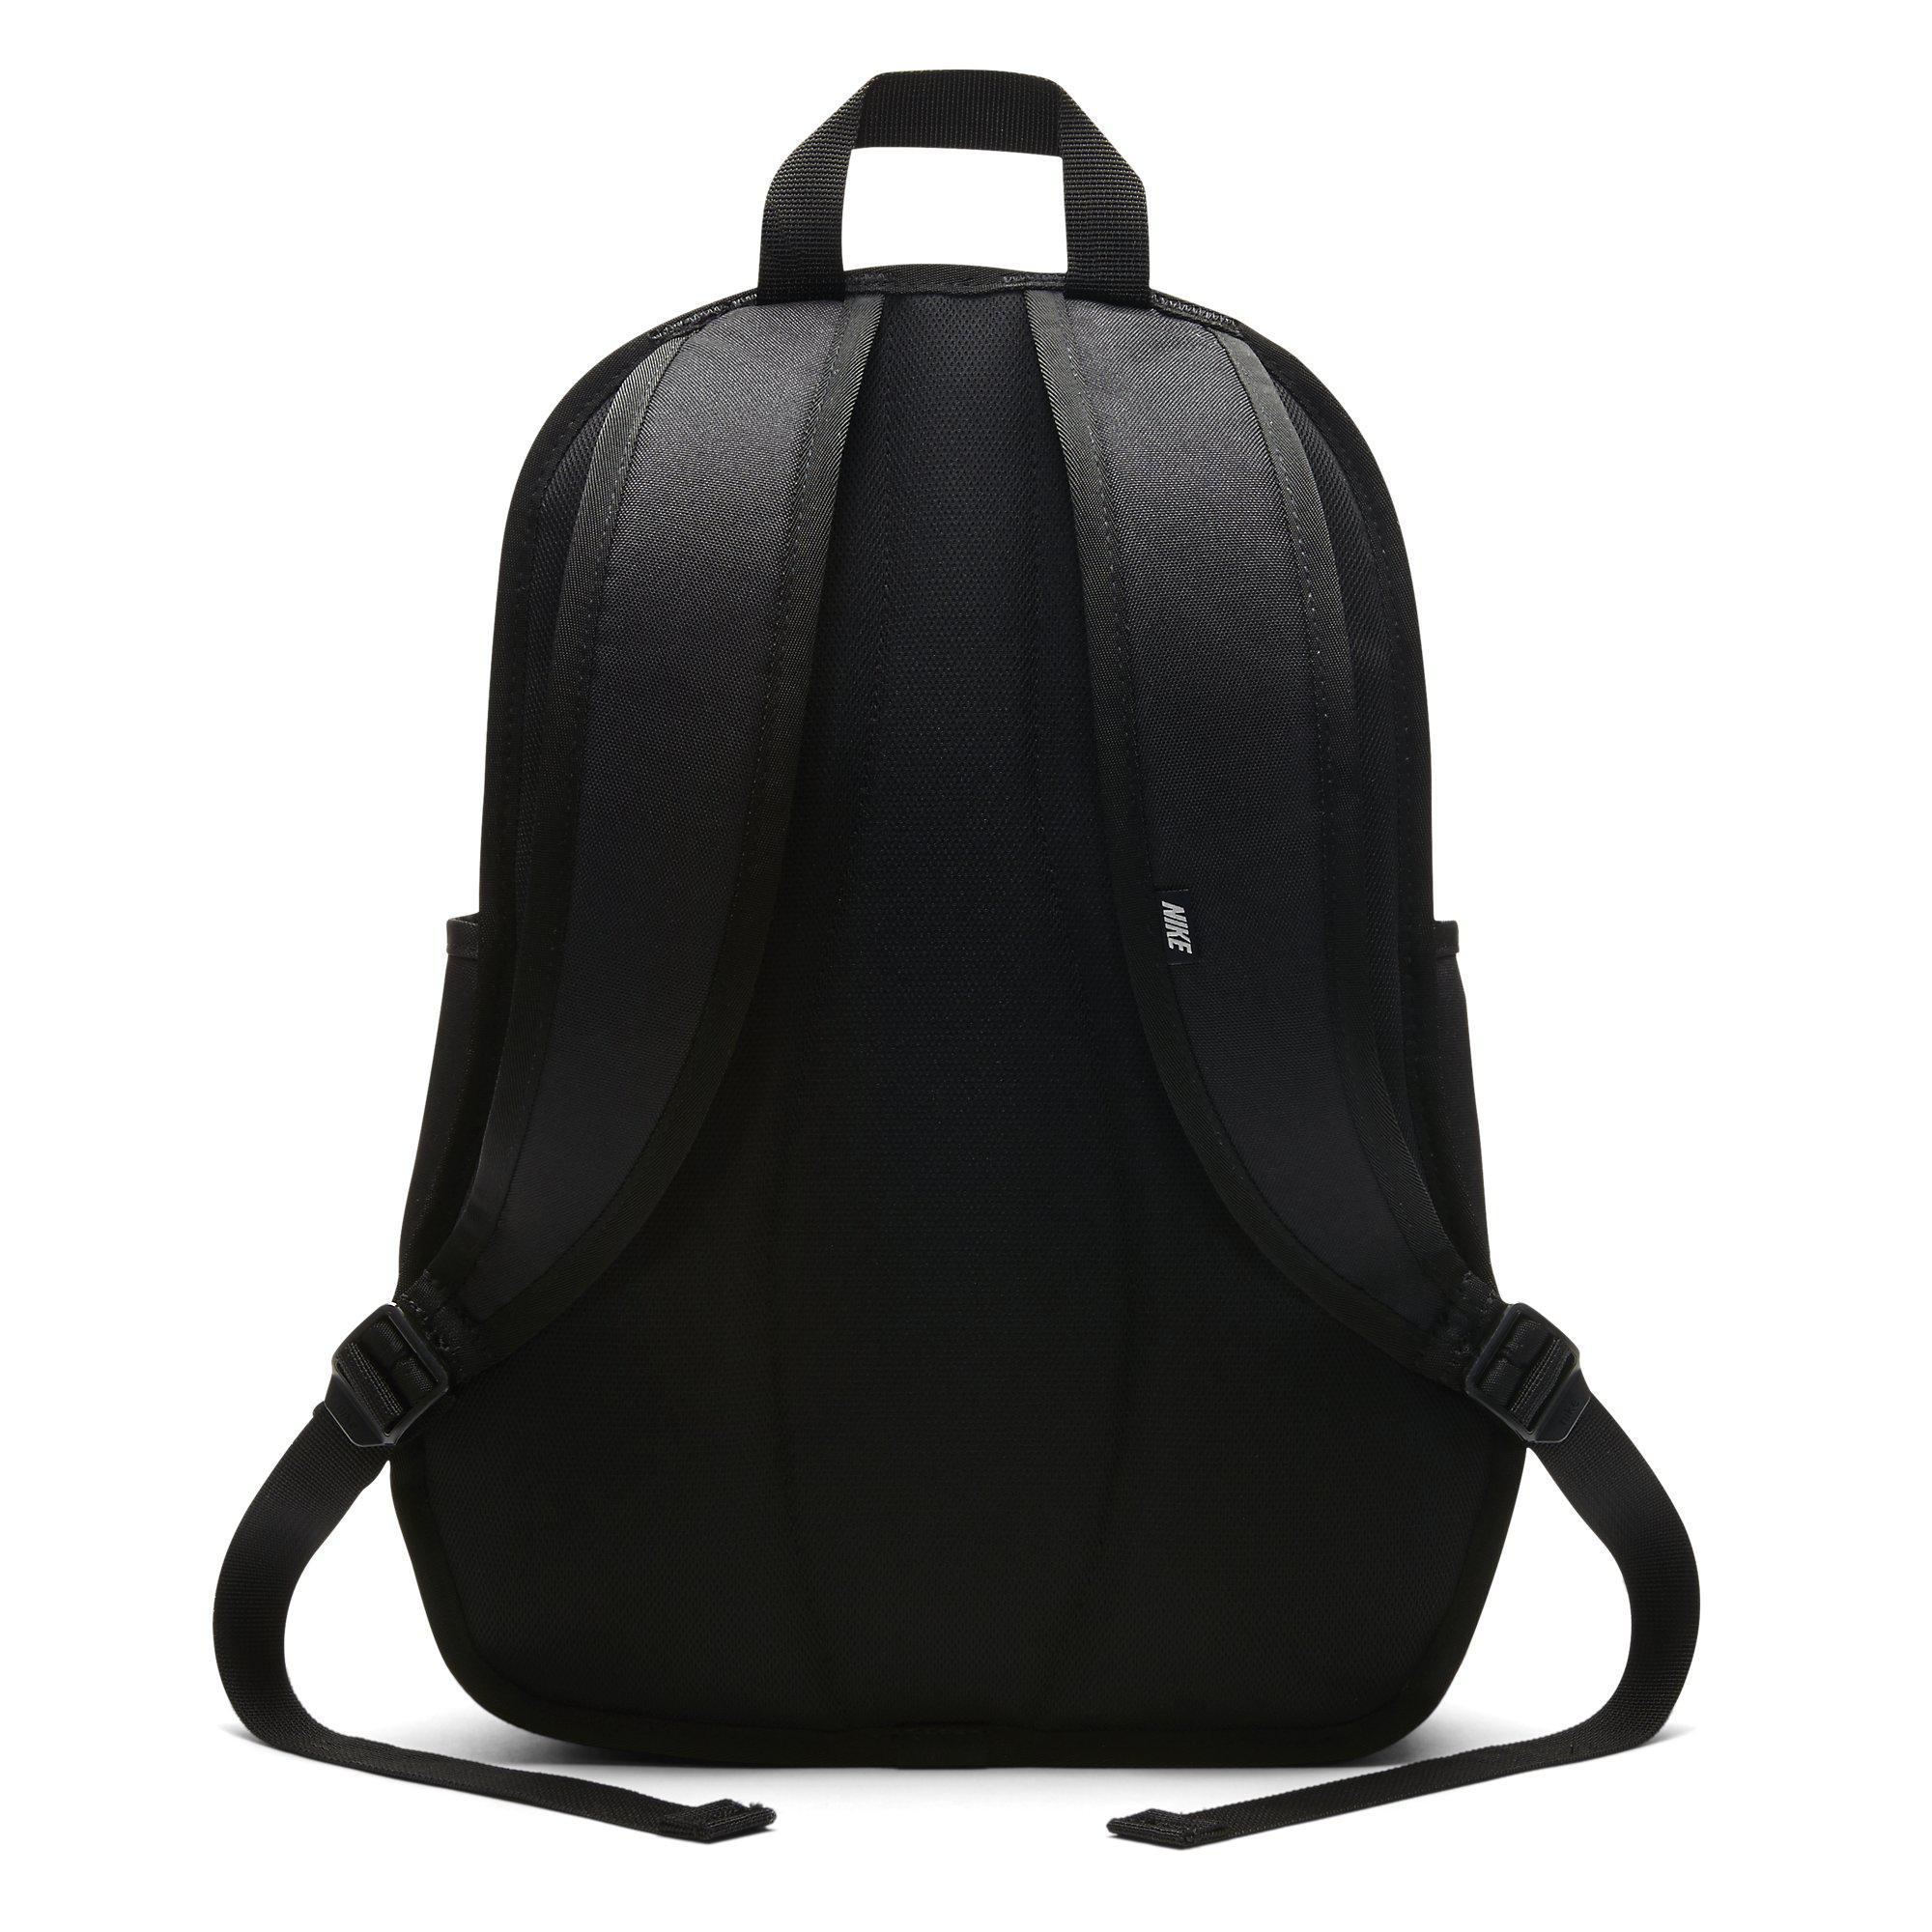 Nike Cheyenne Solid Kids Backpack - Black - Tennisnuts.com 22f2e32e1e159